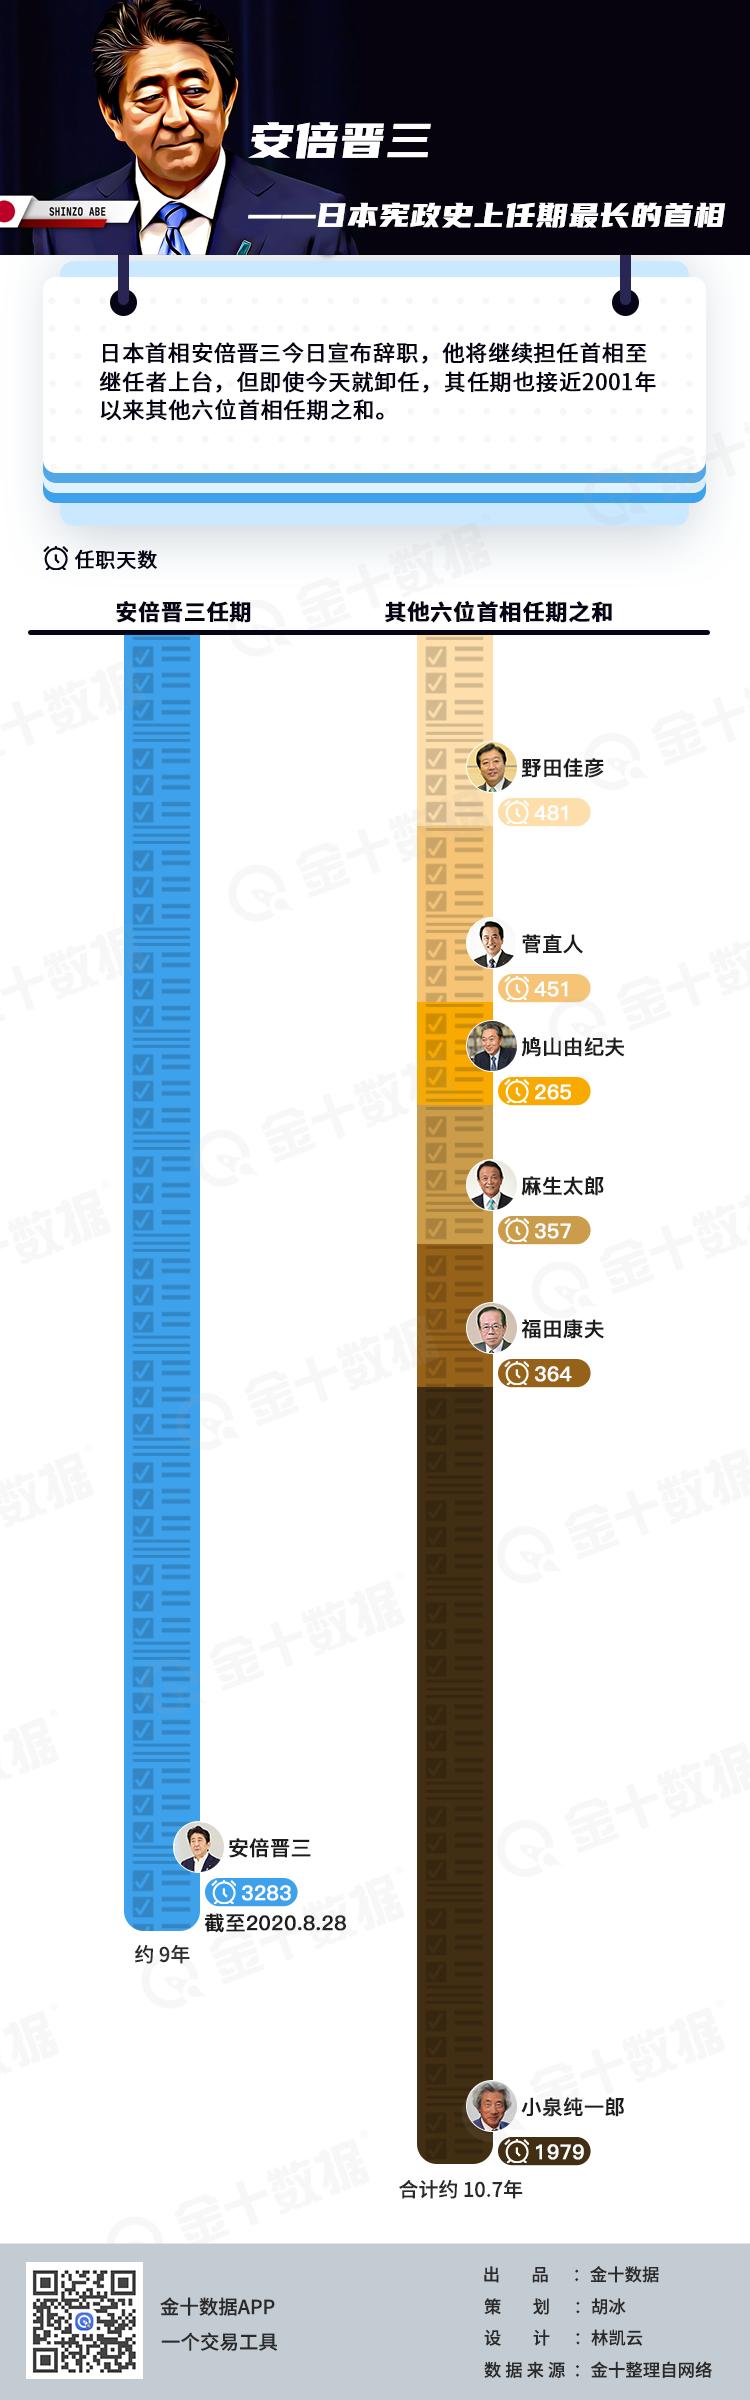 期货钠指在线一顶六!安倍晋三首相任期创纪录 | 金十热图